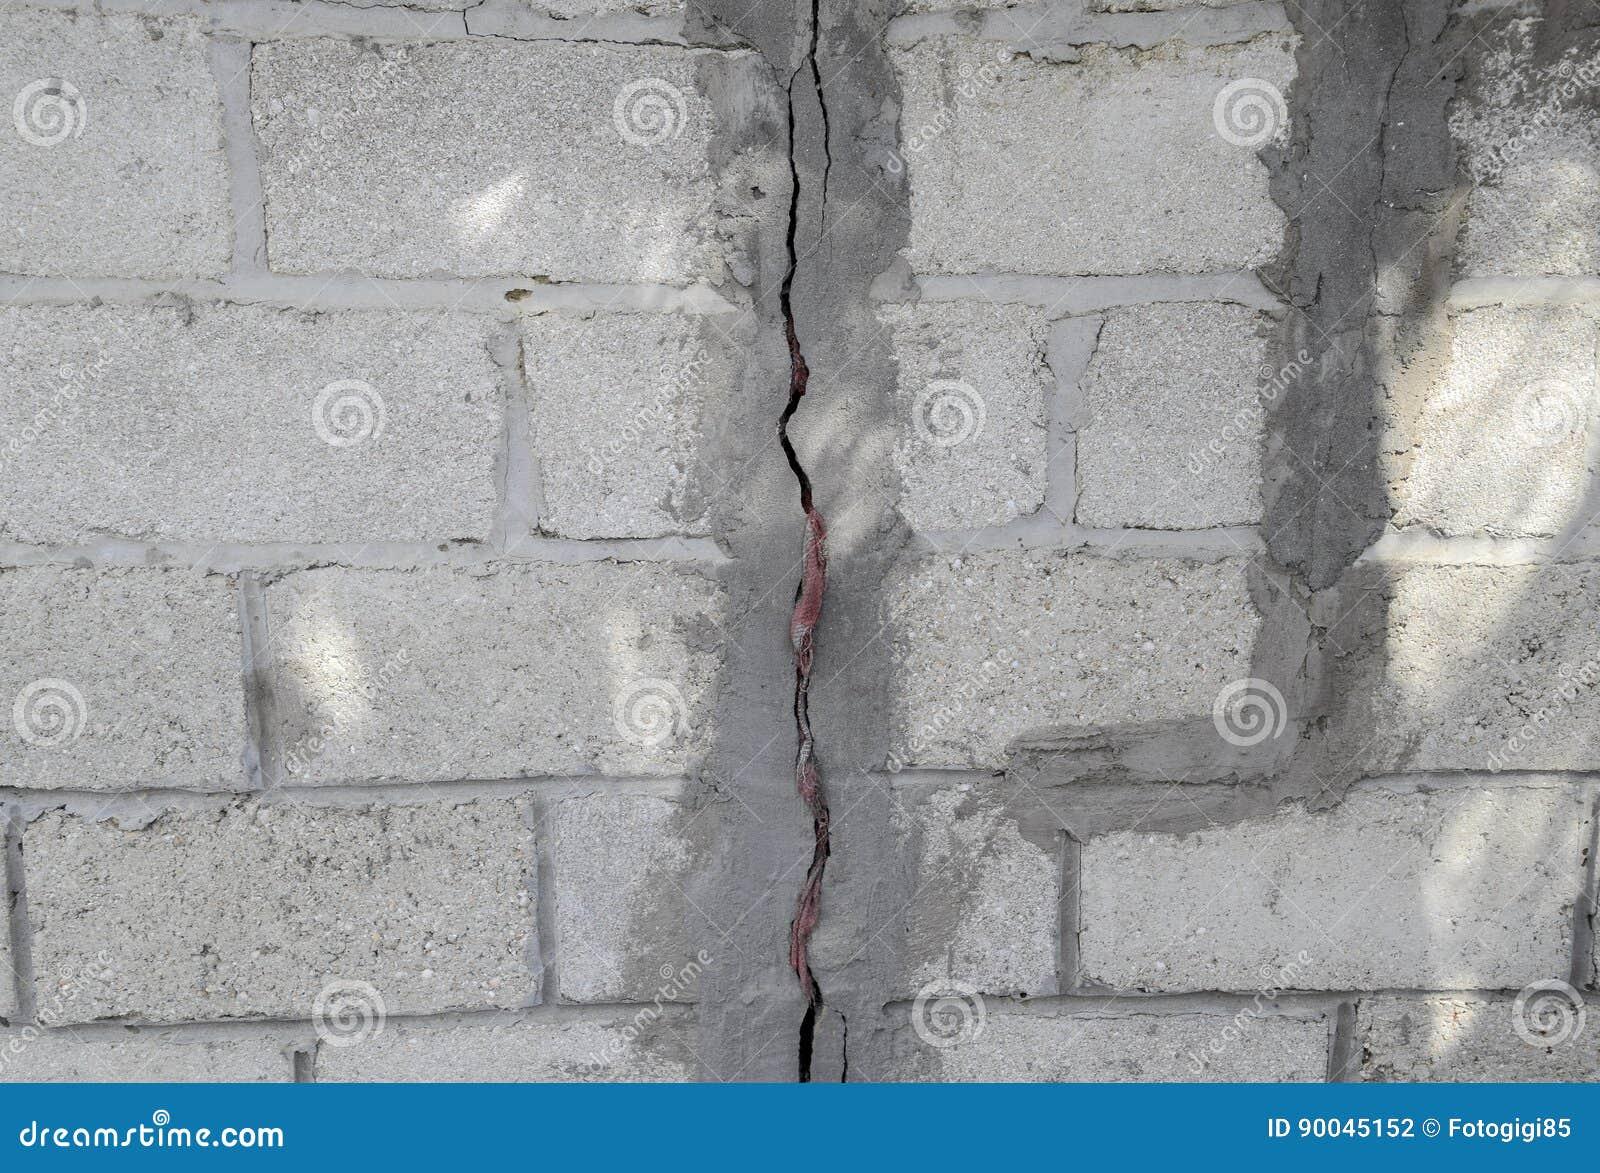 una grieta en el muro de cemento la destruccin de la pared de los bloques grises